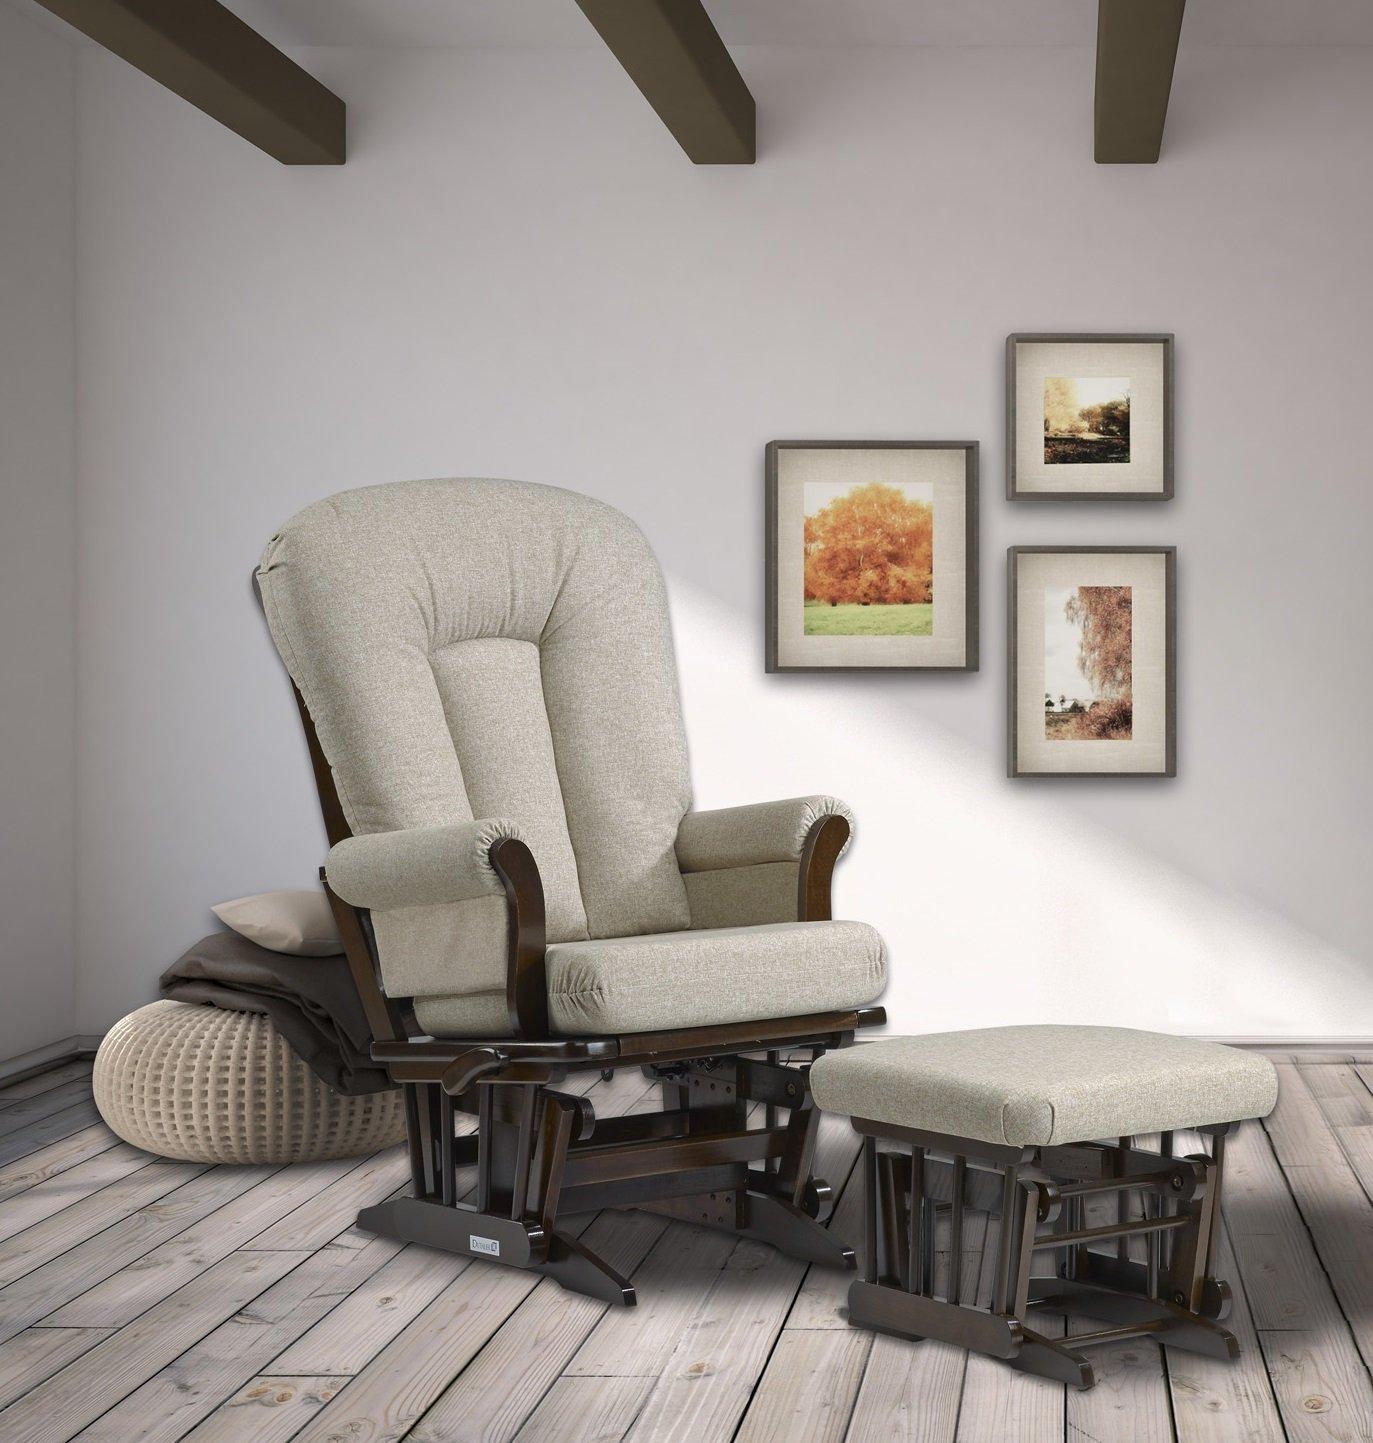 Dutailier Sleigh Glider-Multiposition, Coffee/Harvest Beige, Recline and Ottoman Set